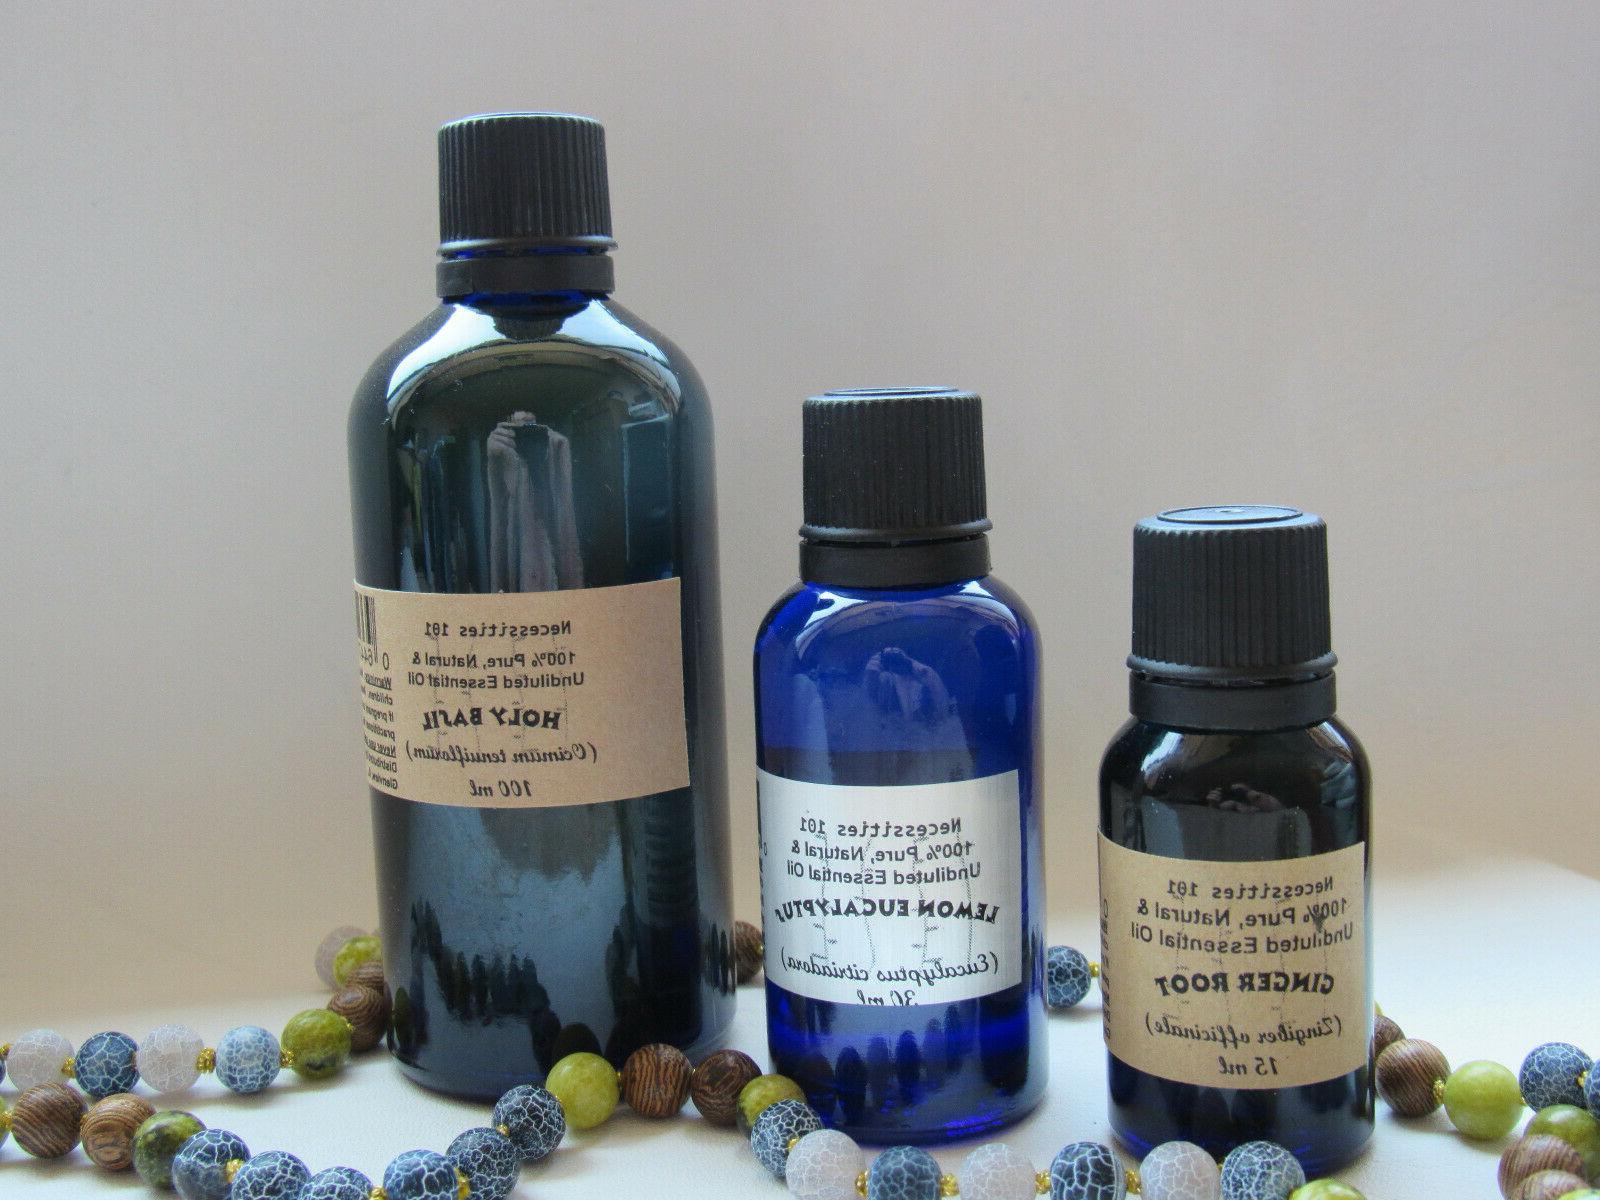 essential oils undiluted 100 percent pure